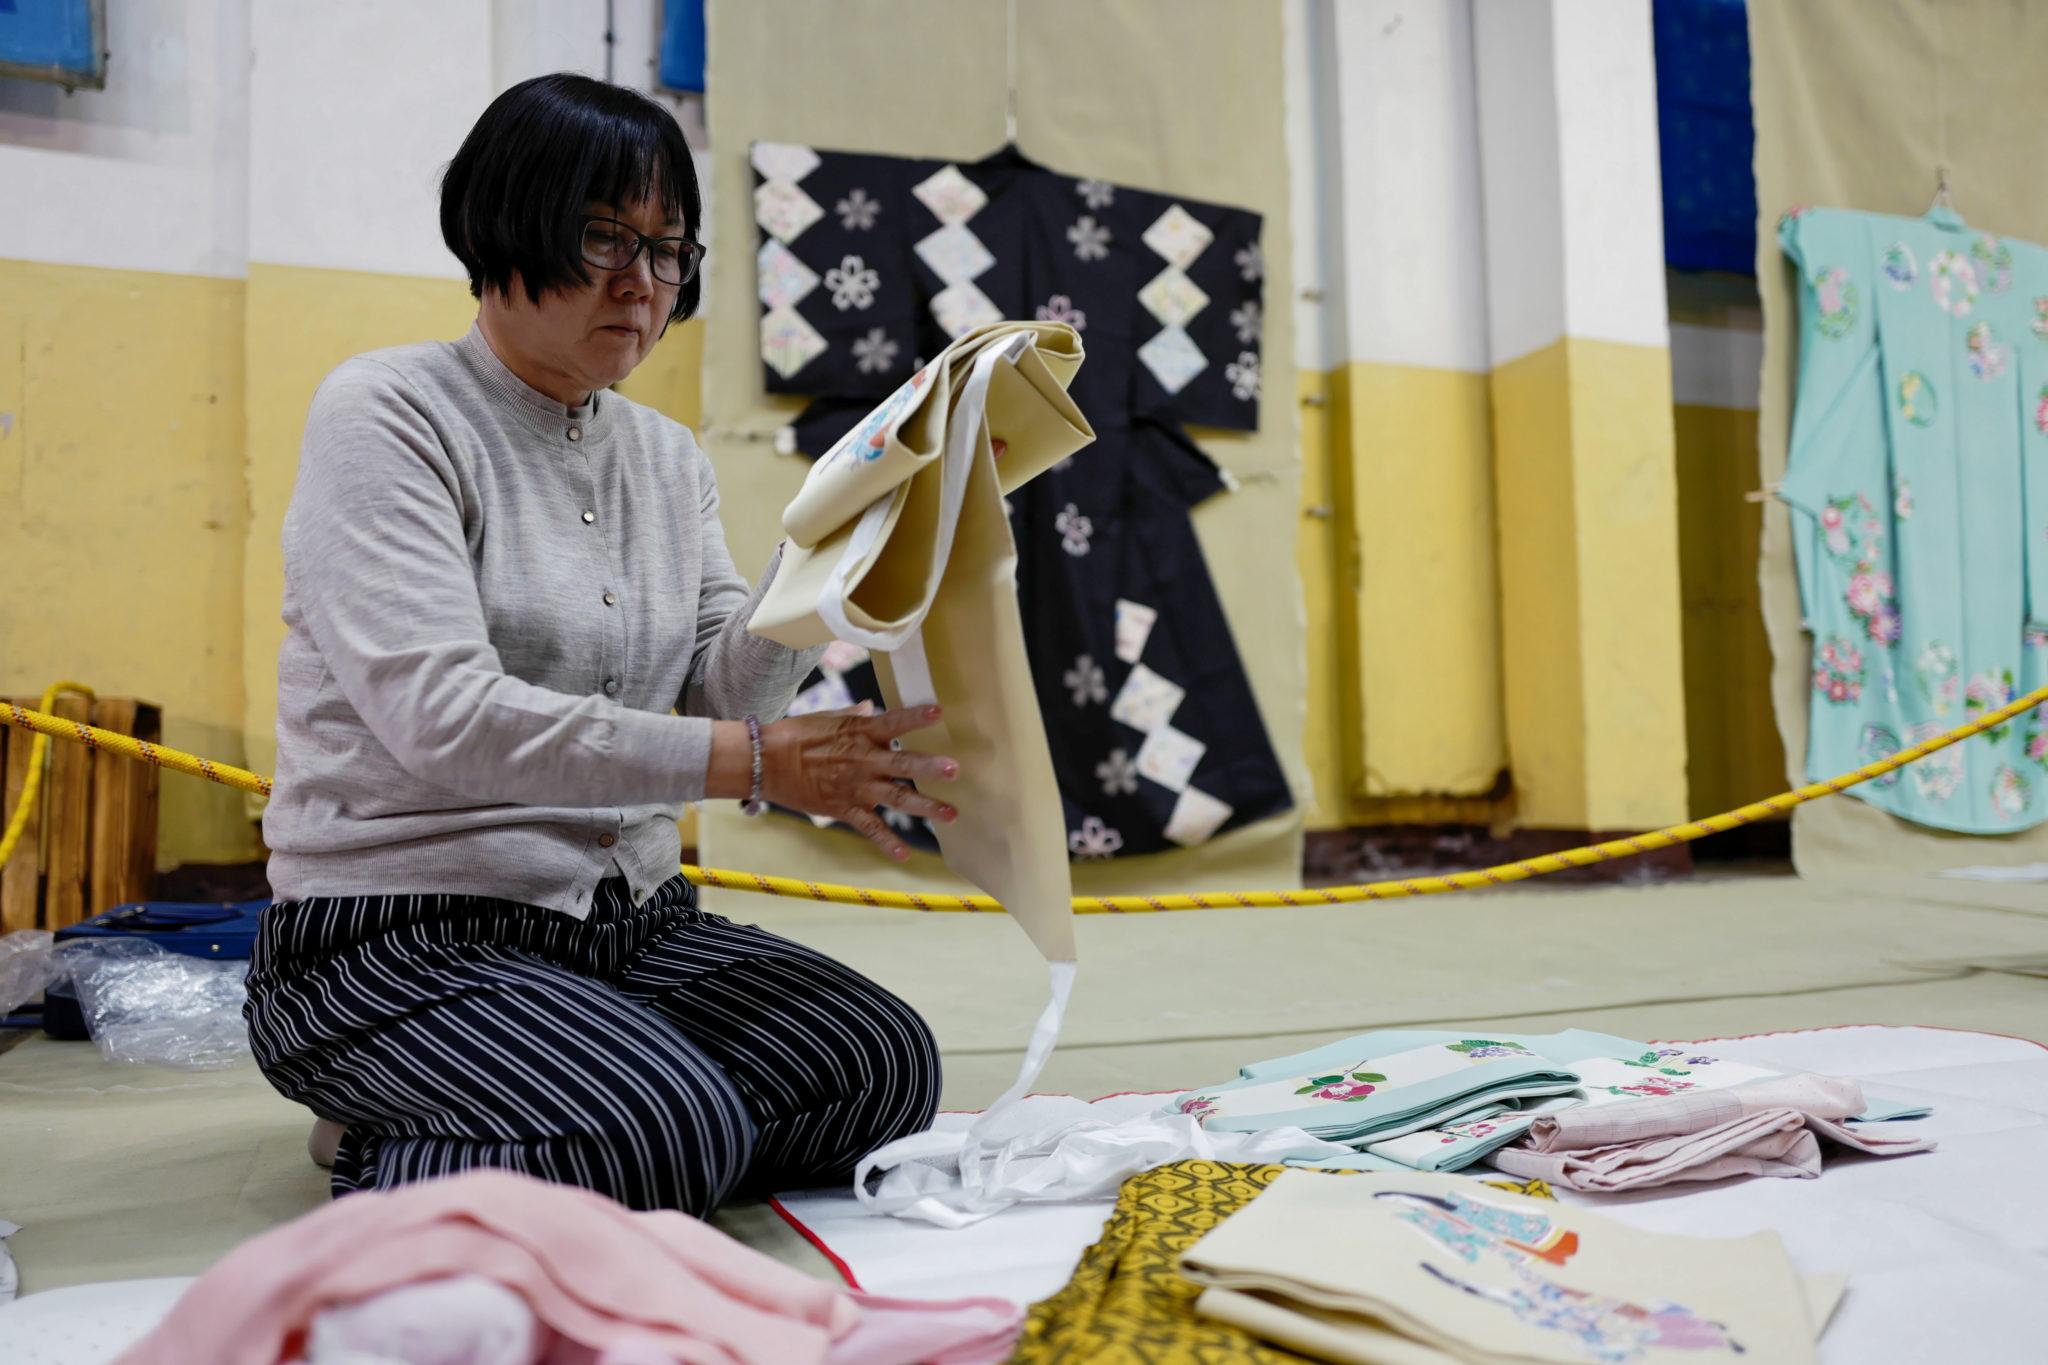 Polska: Wystawa kimon profesora Kunio Arimy w żyrardowie,, połączona z warsztatami ręcznego malowania tkanin bawełnianych. fot.  PAP/Mateusz Marek